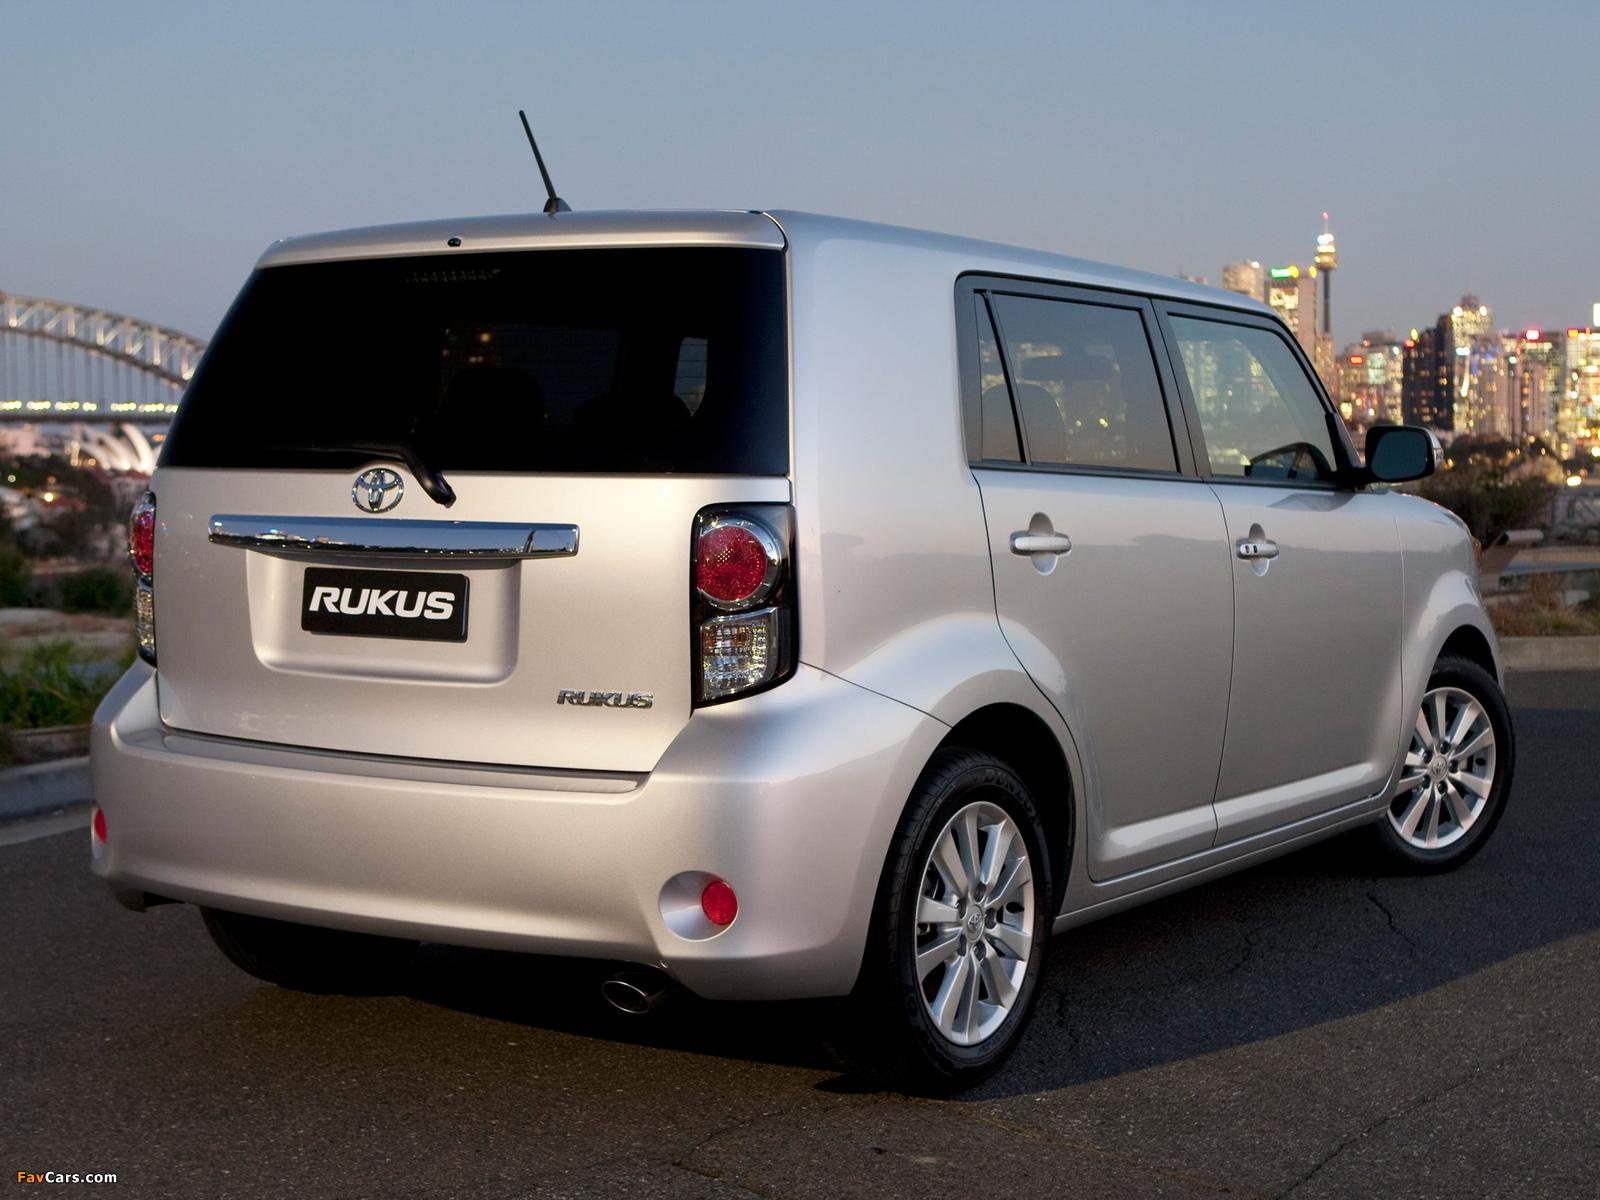 Toyota Rukus 2010 images (1600 x 1200)